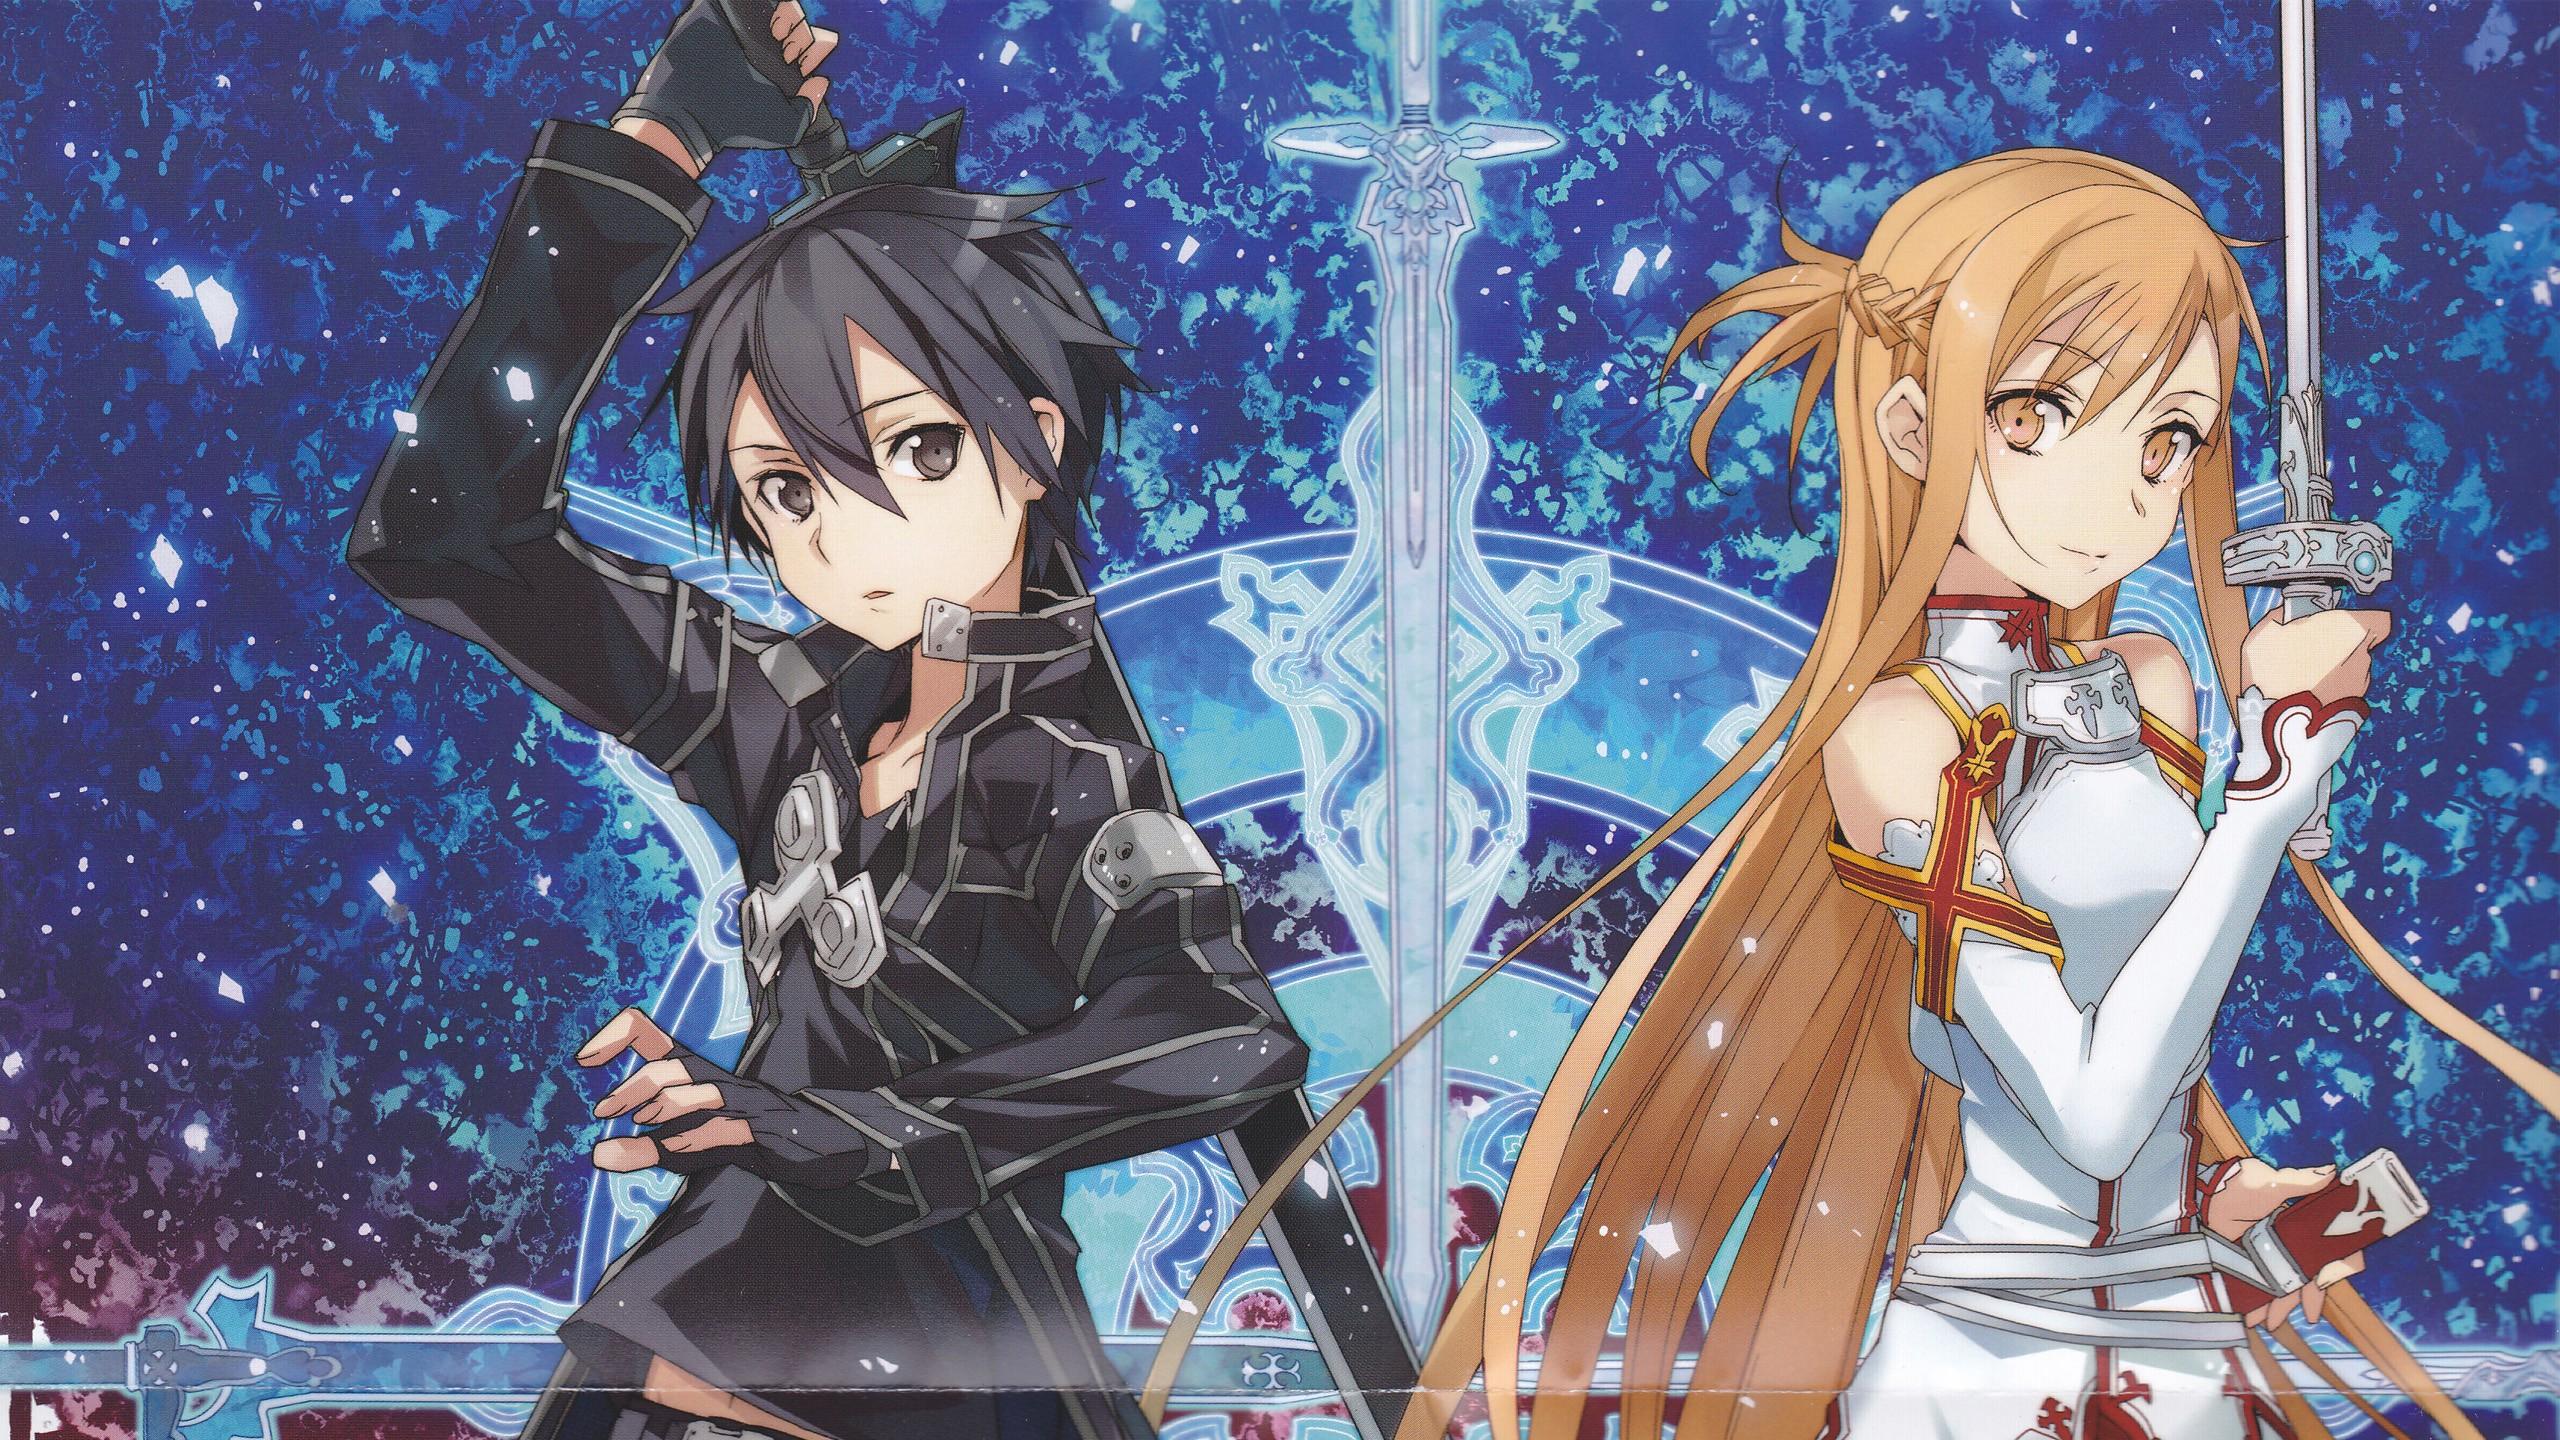 sword art online anime wallpaper - photo #14